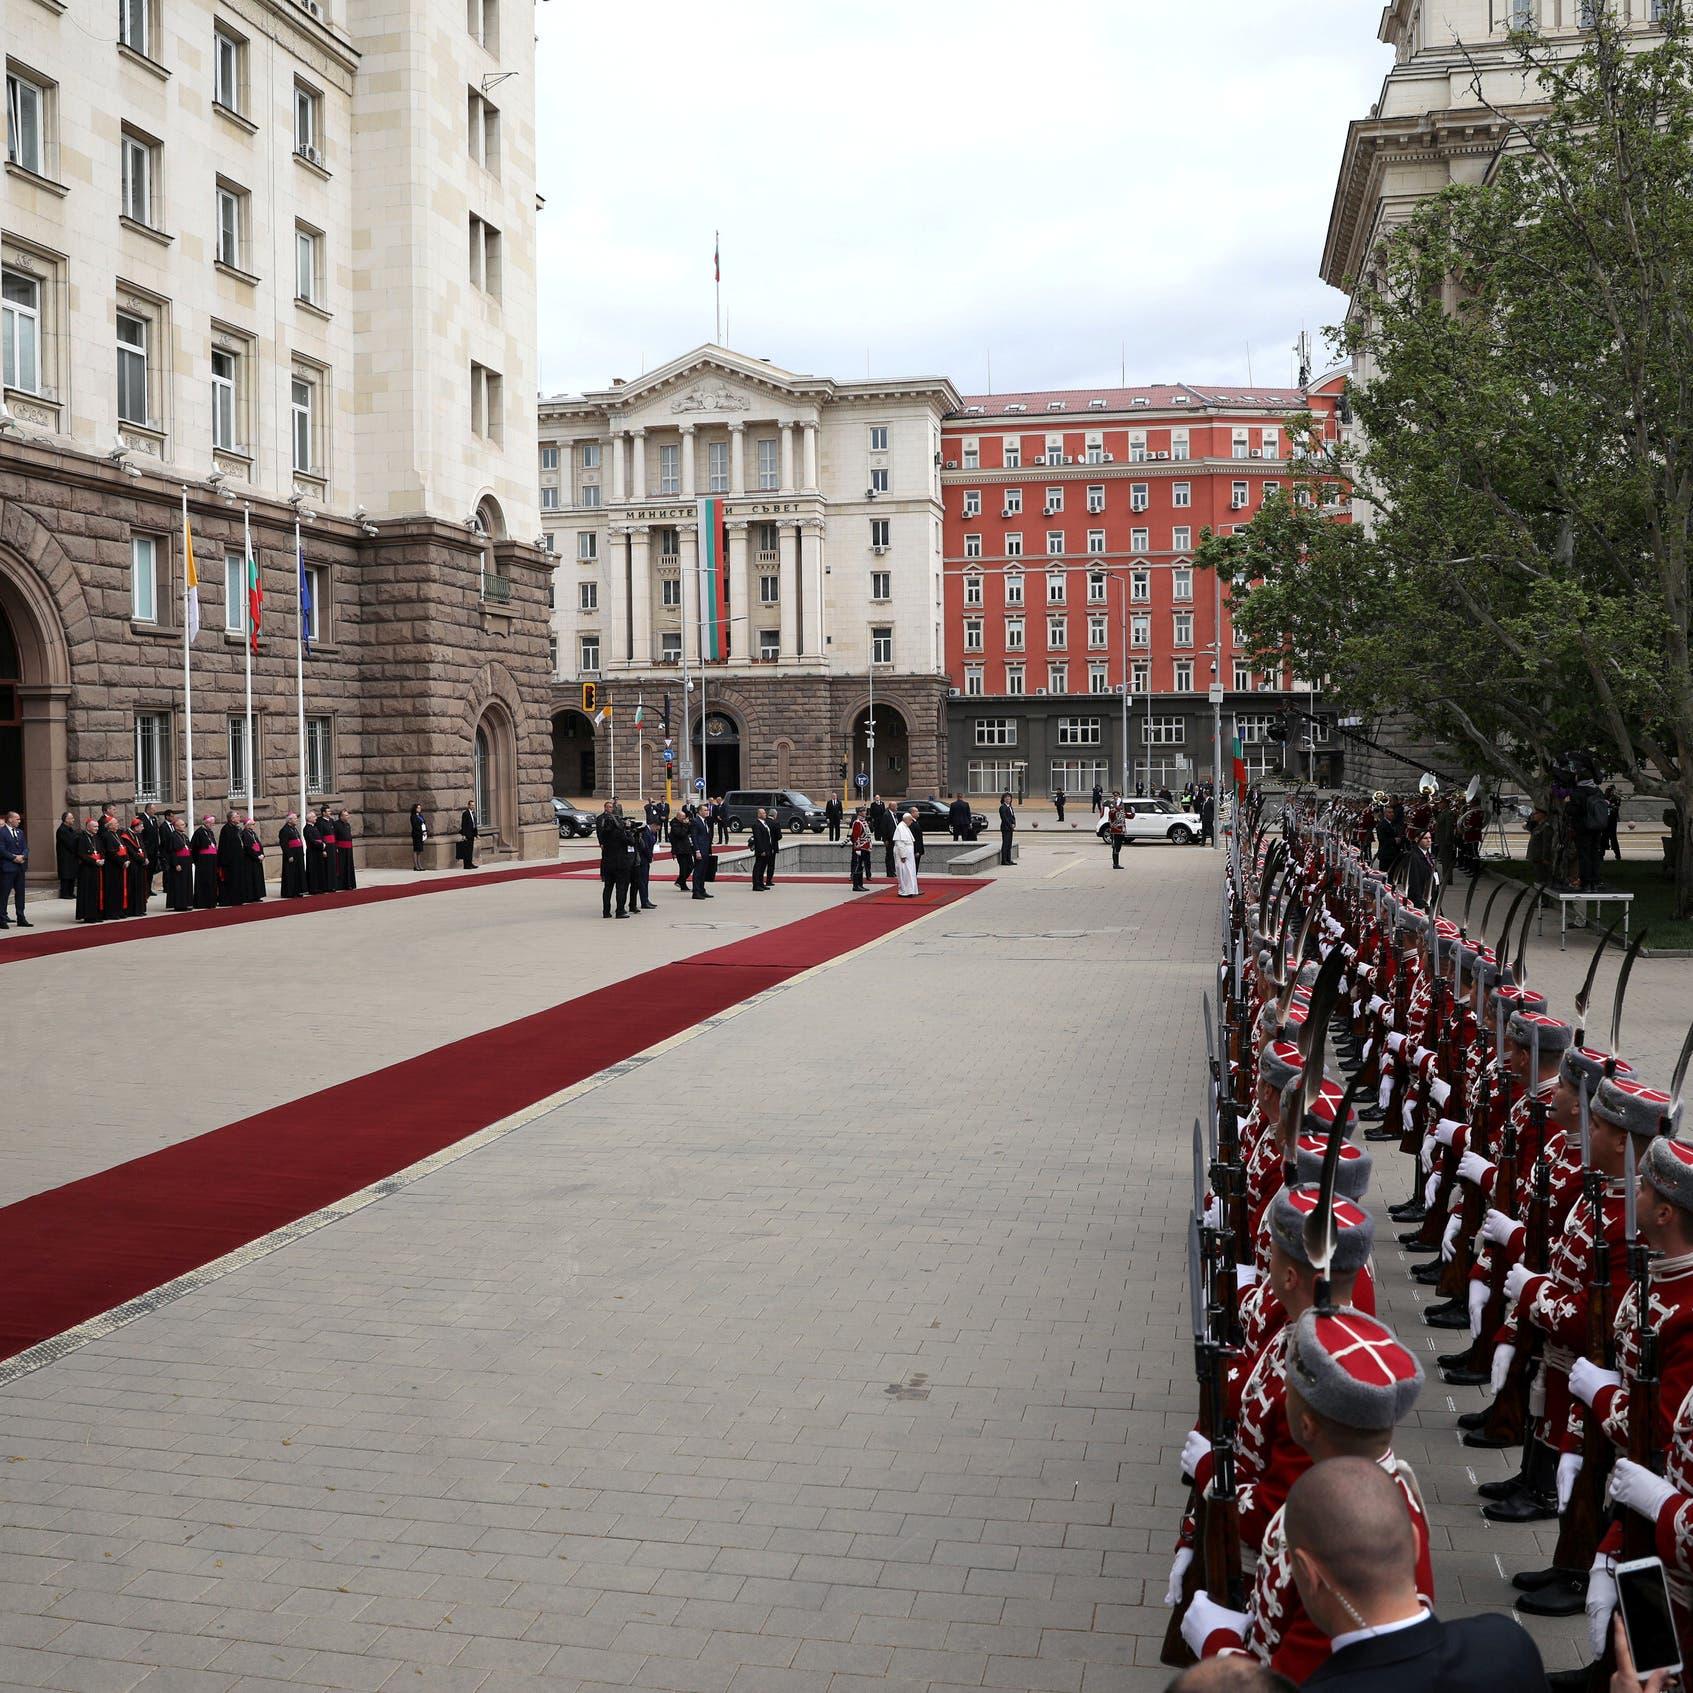 مداهمة في قصر رئاسي أوروبي.. ورئيس يصف حكومته بـ